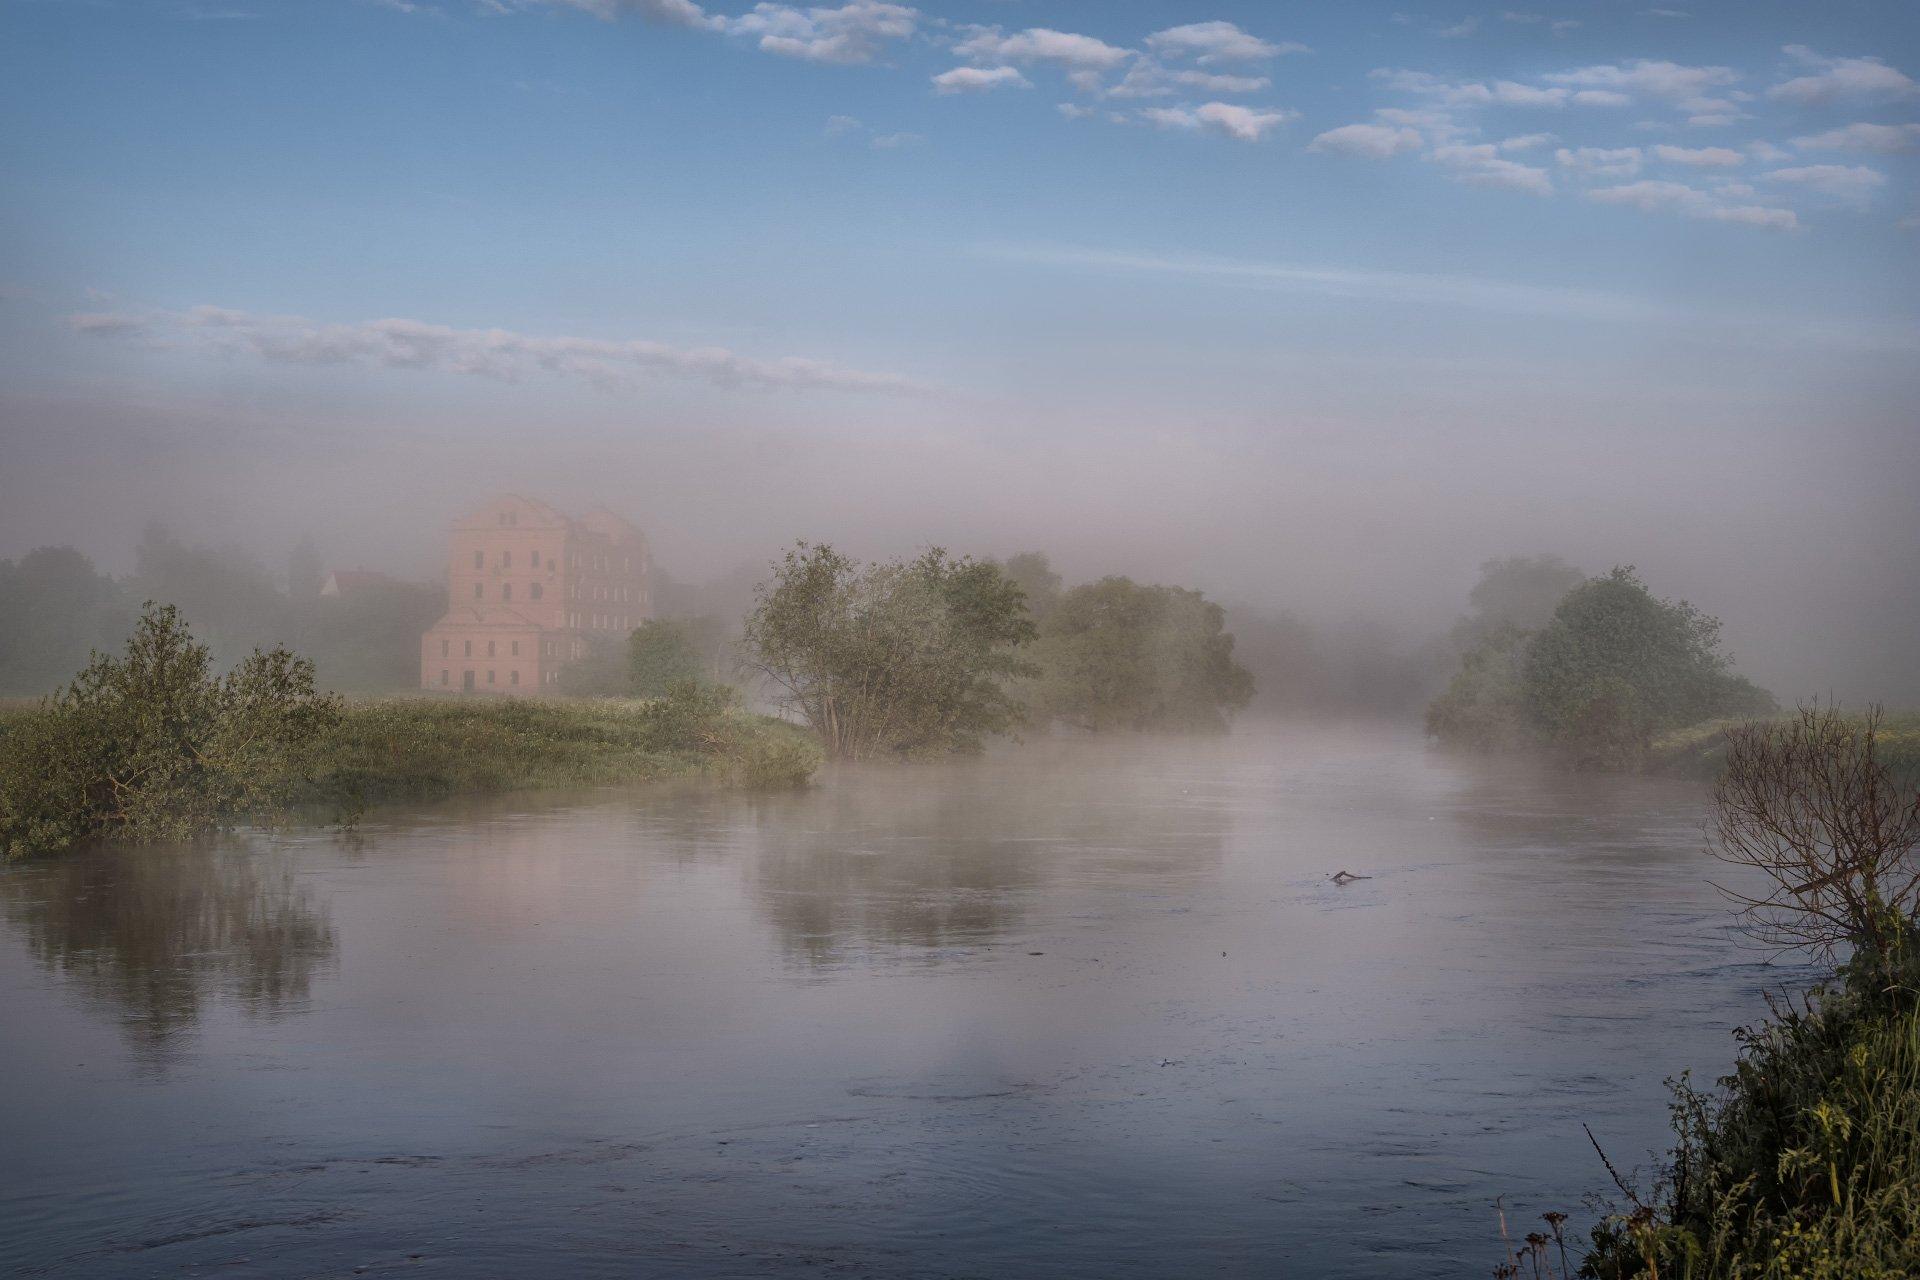 протва, река, наводнение, утро, туман, мельница, Андрей Чиж